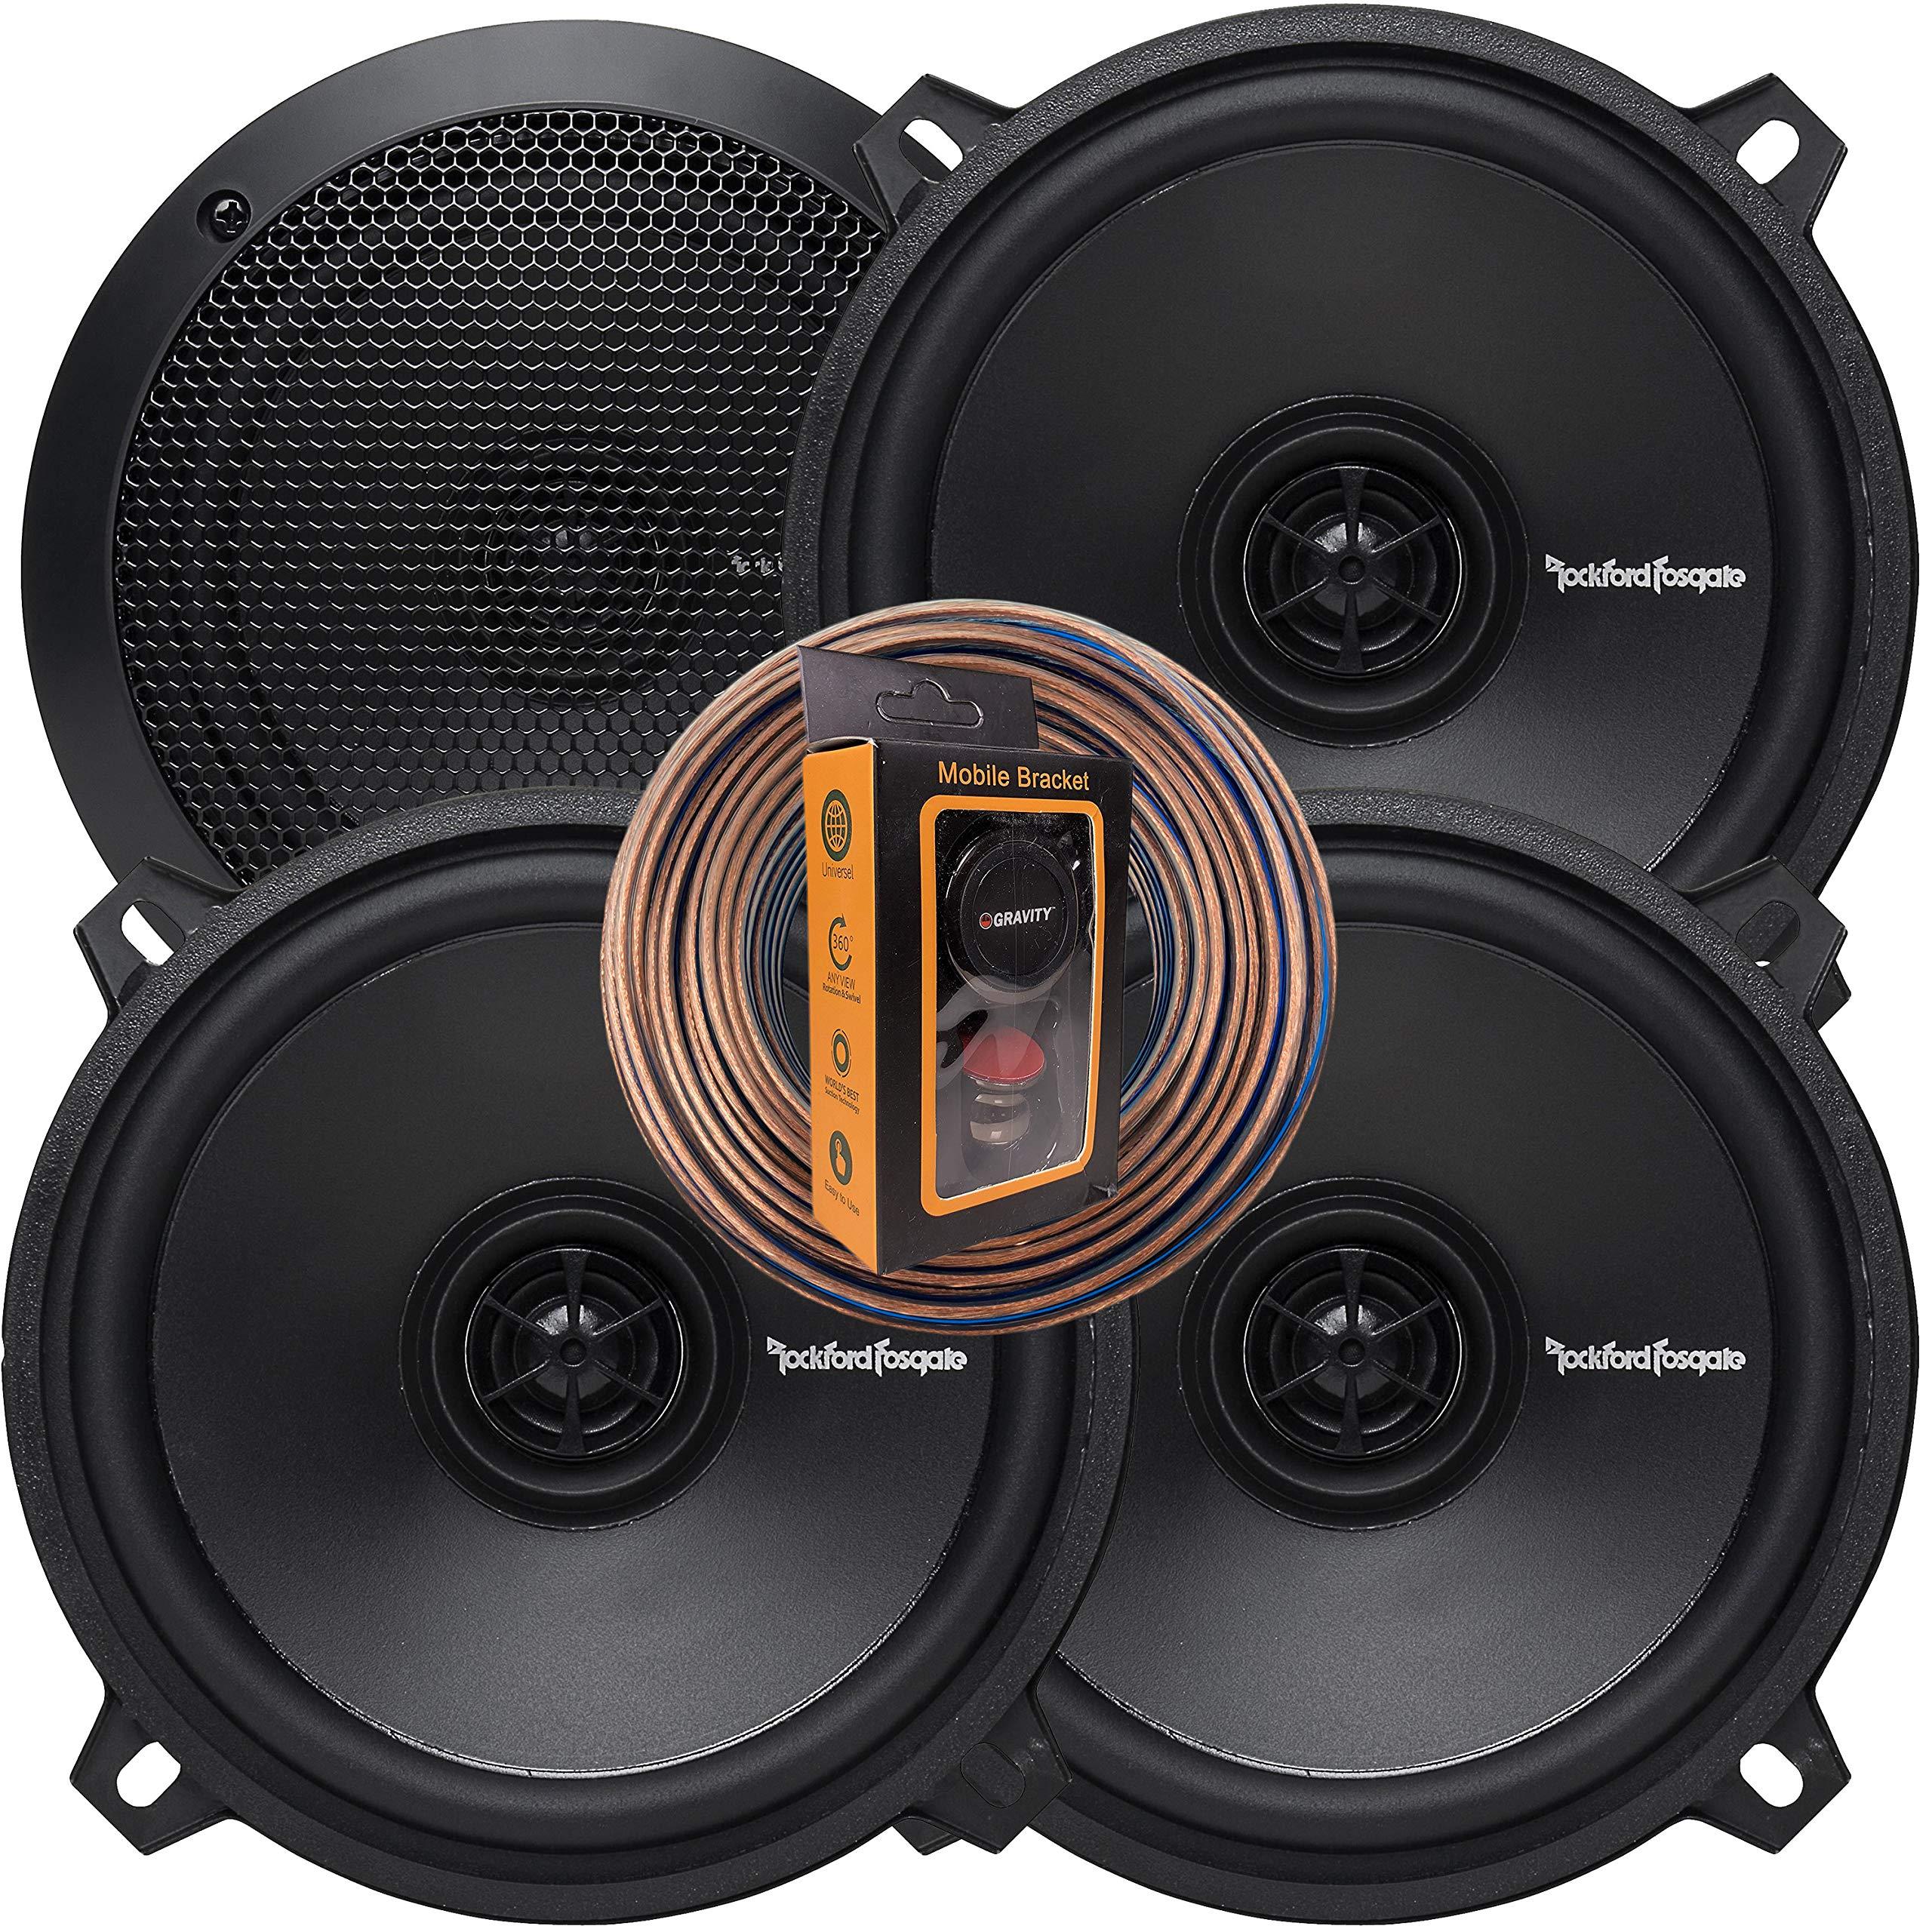 Rockford Fosgate R1525X2 Coaxial Speakers